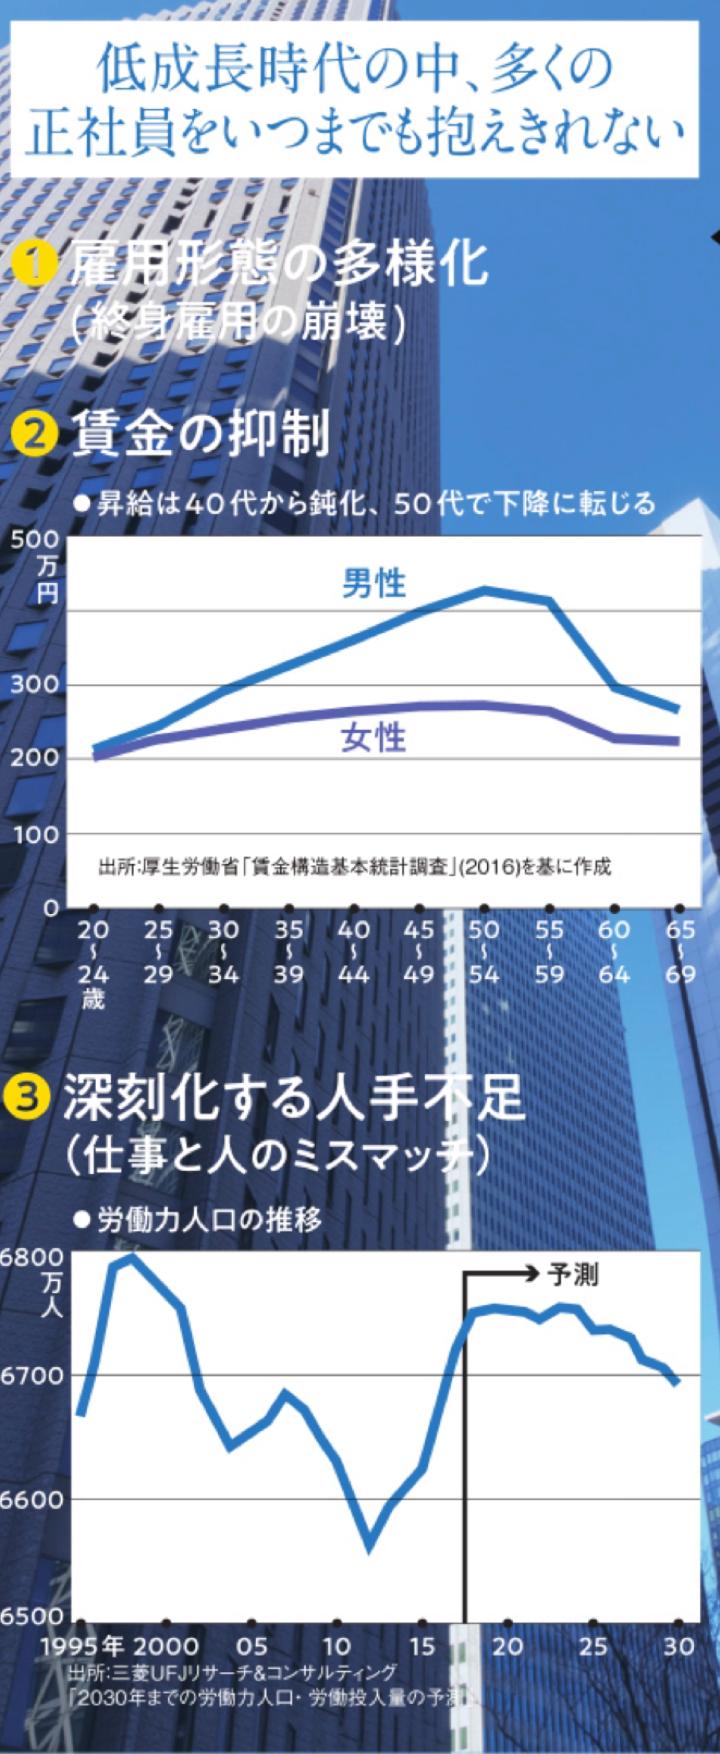 【大副業時代】2025年到来!?